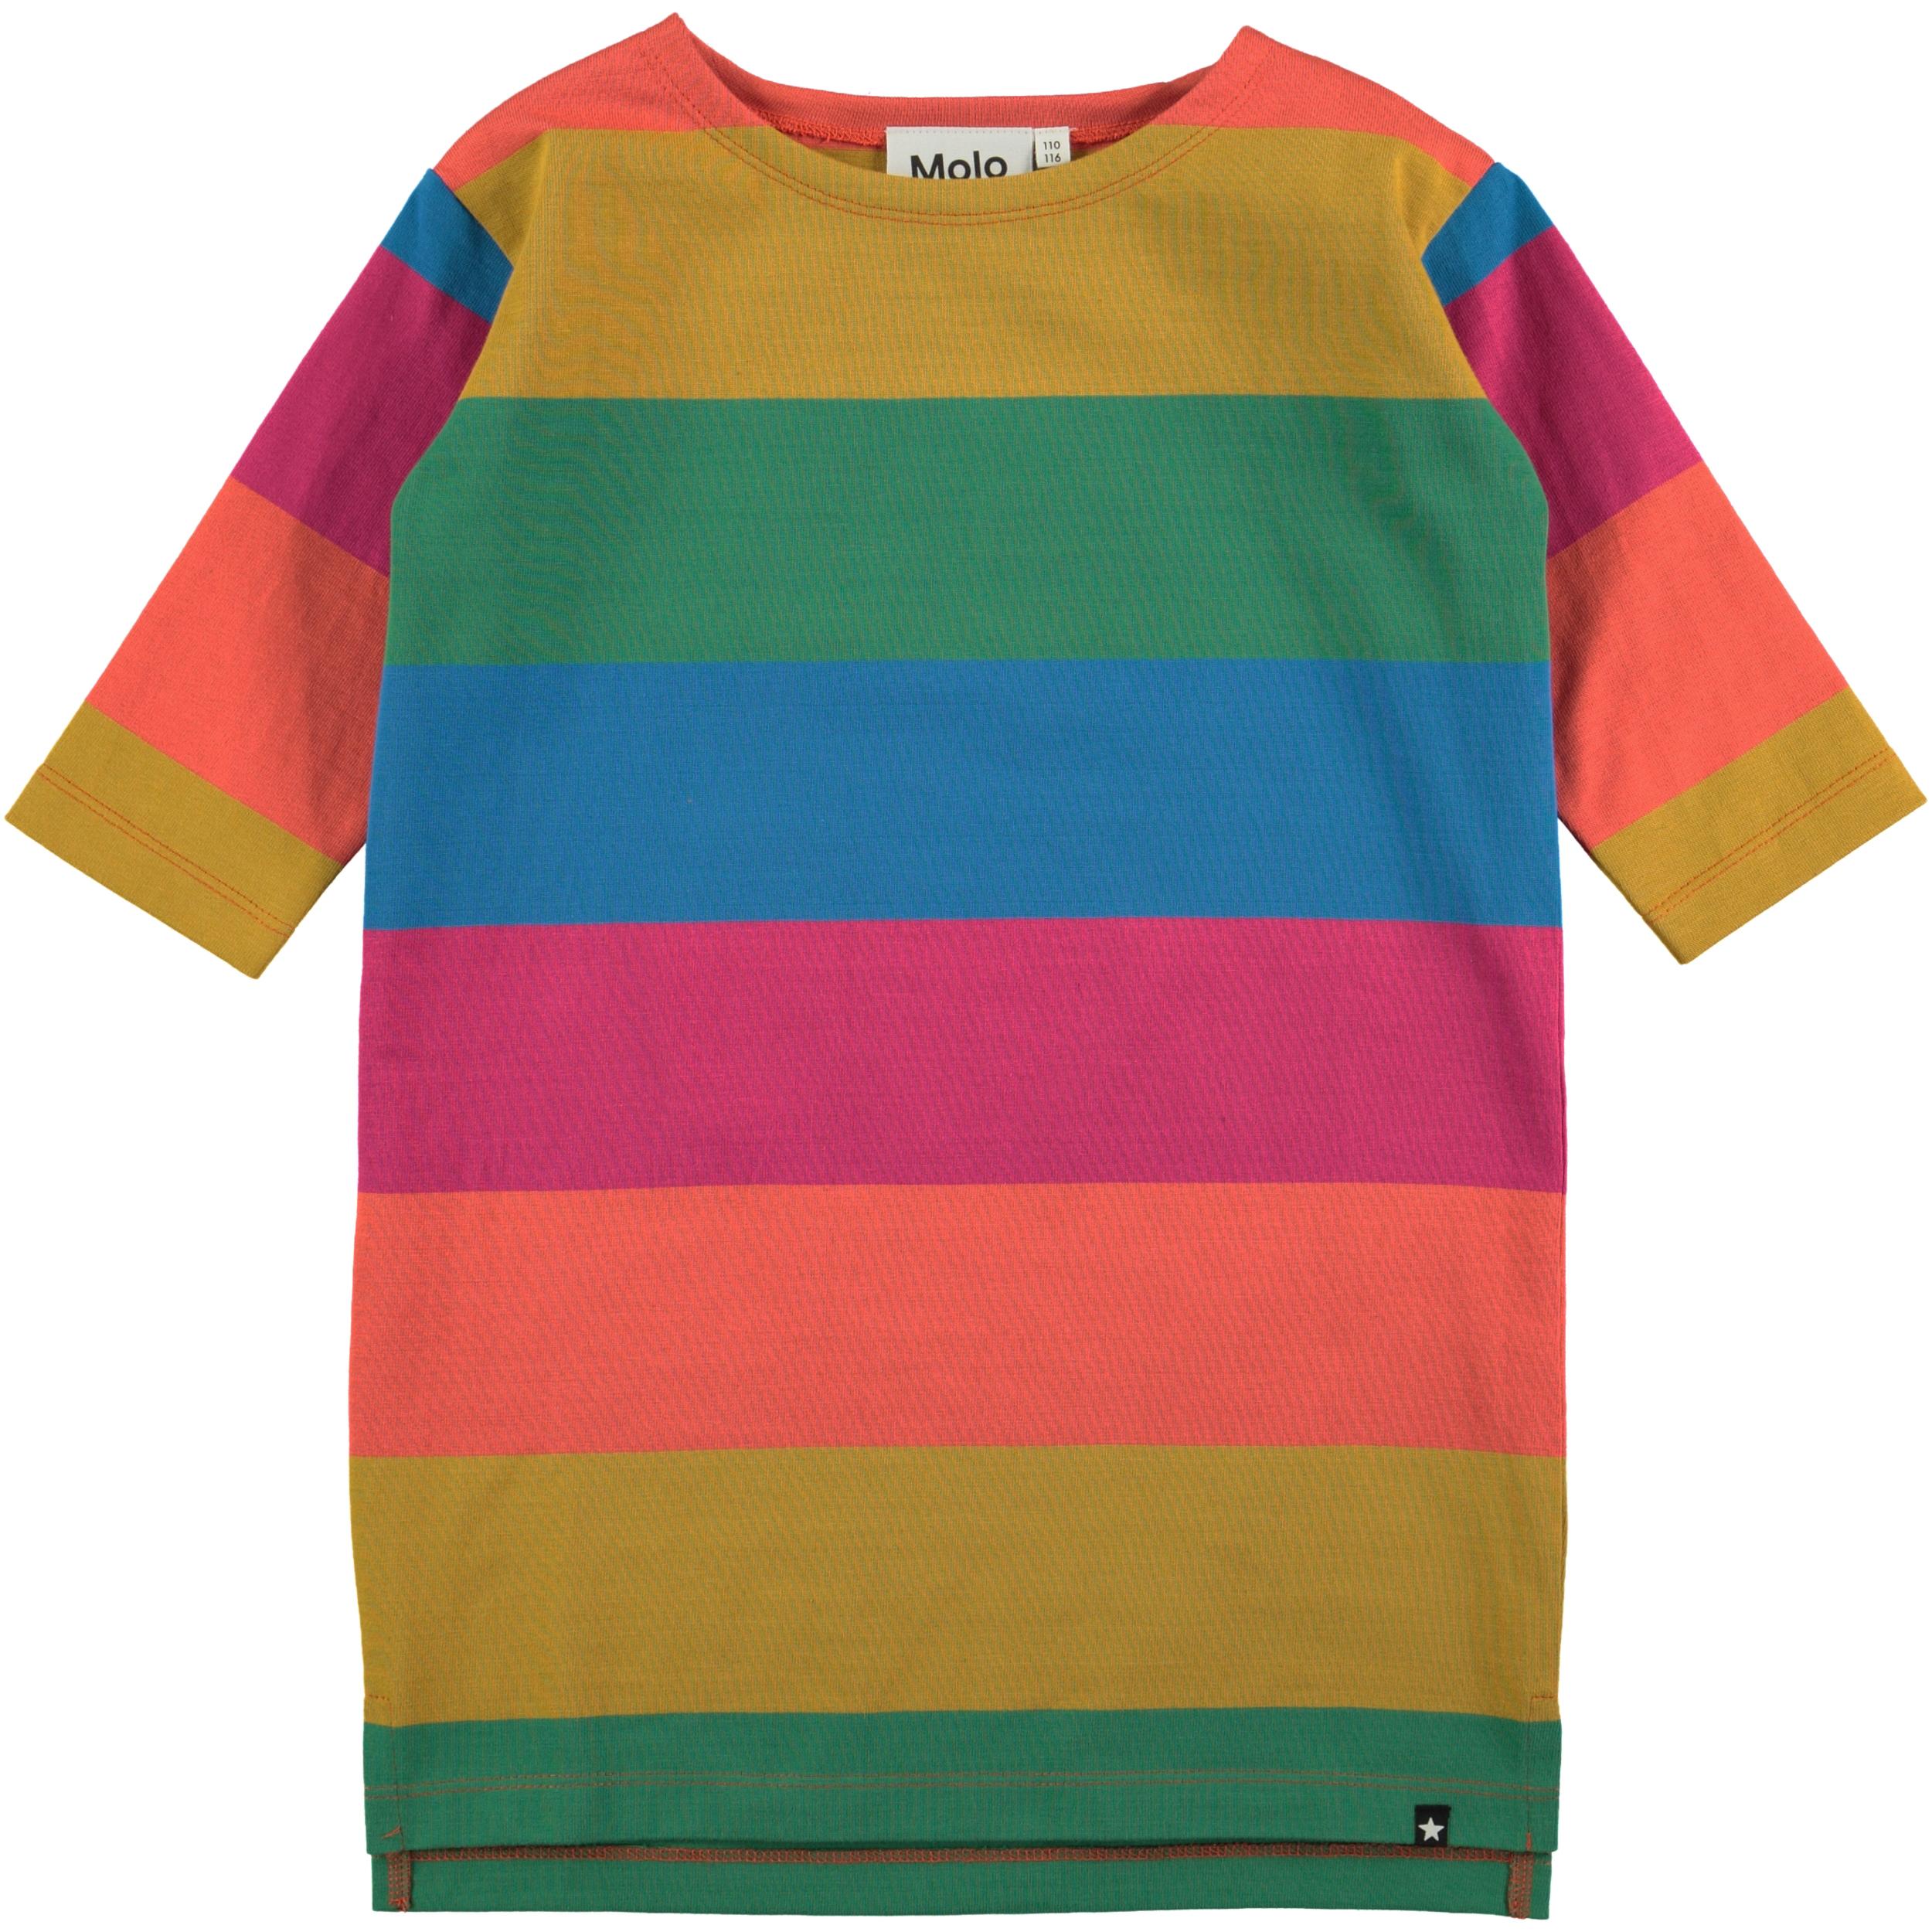 a92d3e44c7d2 Stribet Colore Tutticolori Molo Farver Kjole I Regnbuens CSRwUqz